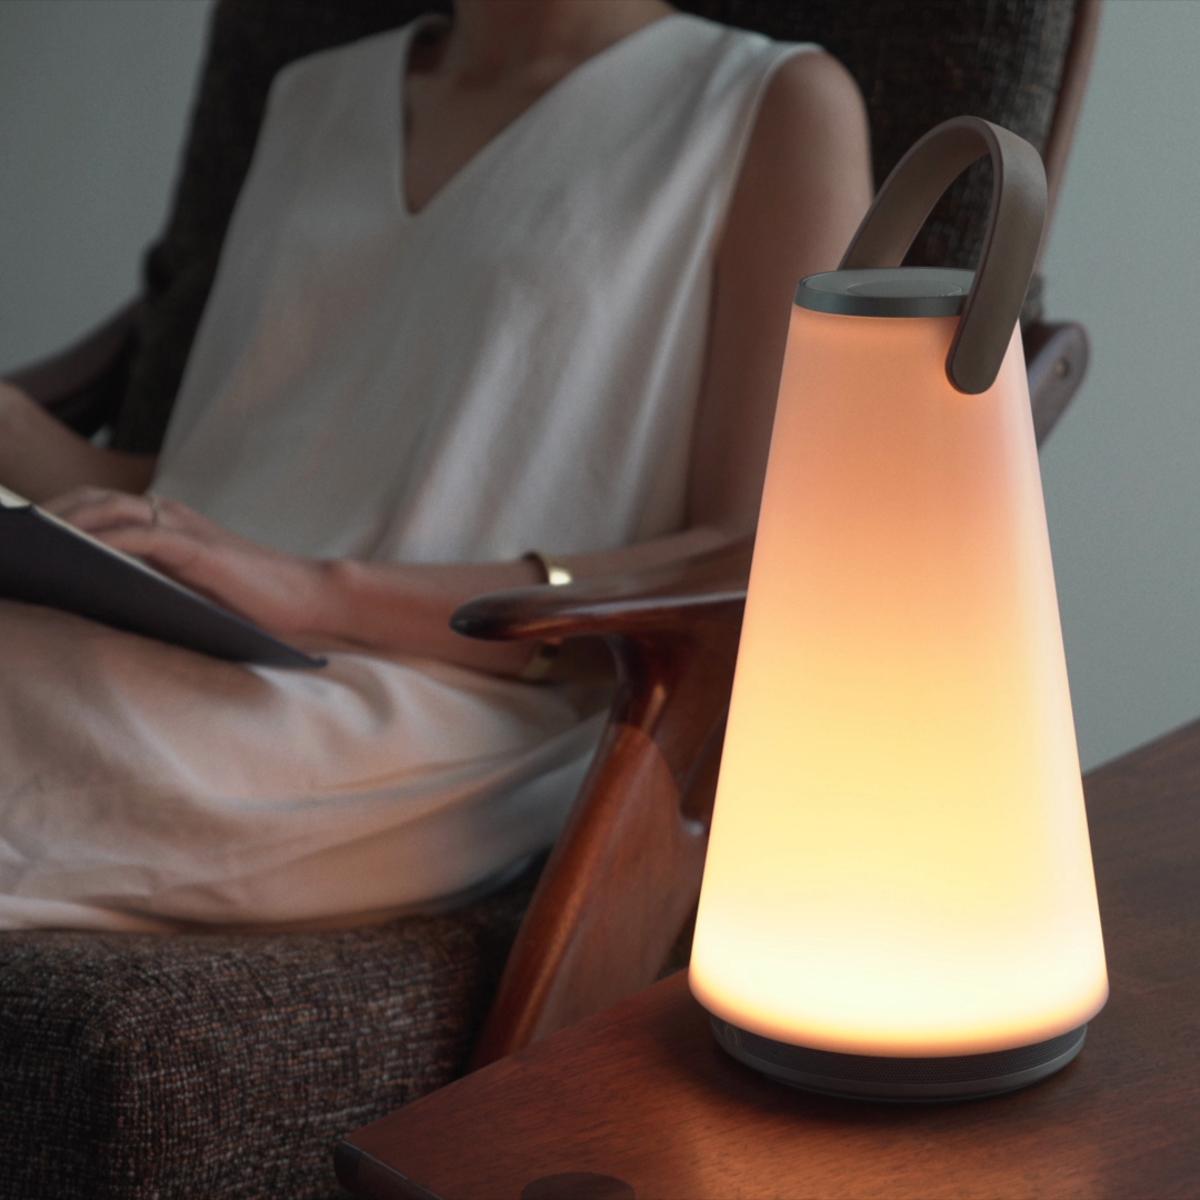 親しい人と寄り添いたくなる「Hi-Fiスピーカー」 | 最高品質の「音」と「光」で空間を創る